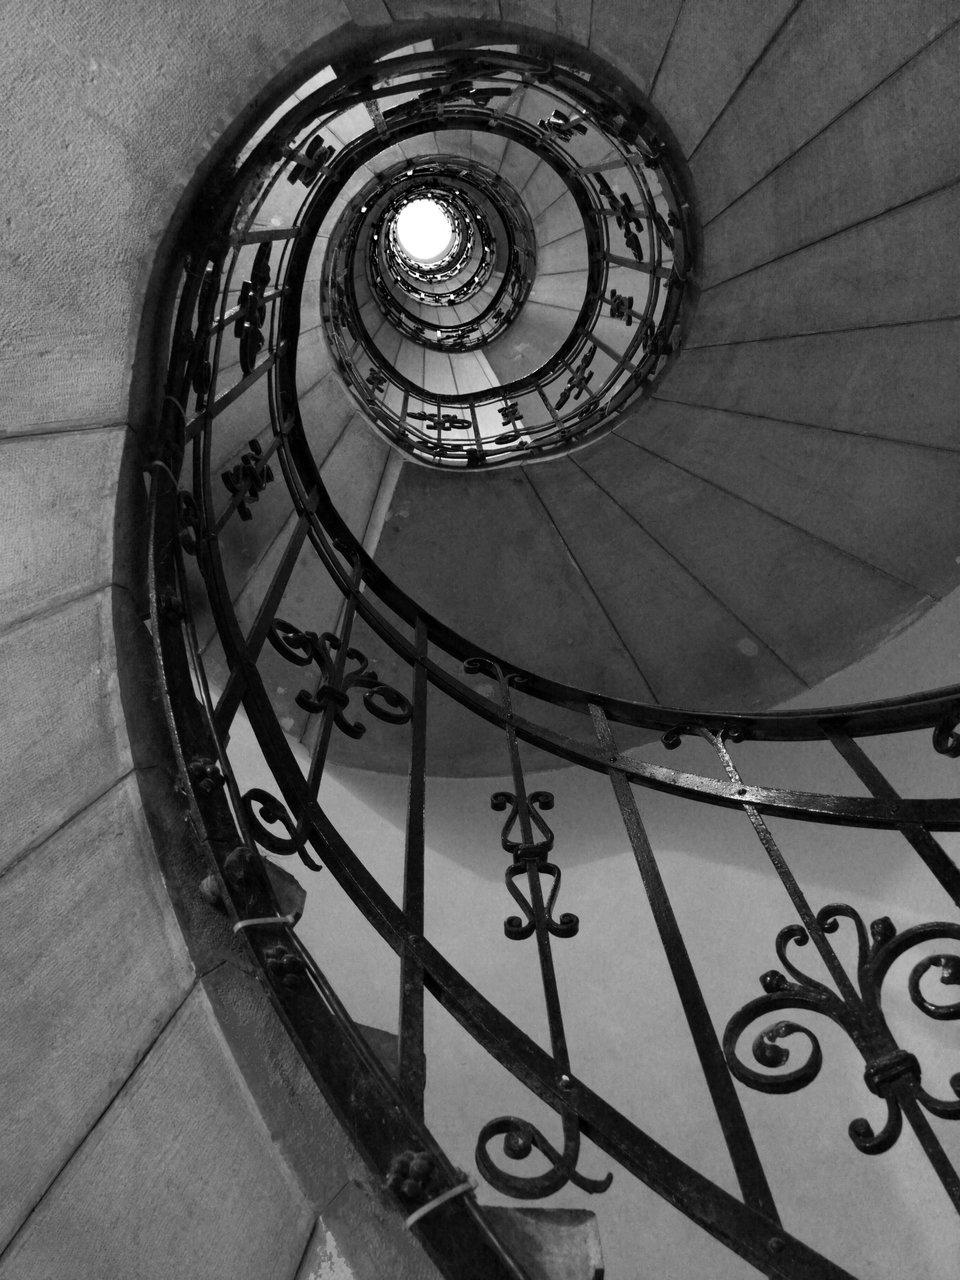 Photo in Low point of view | Author Nikolai Velev - nickulus | PHOTO FORUM